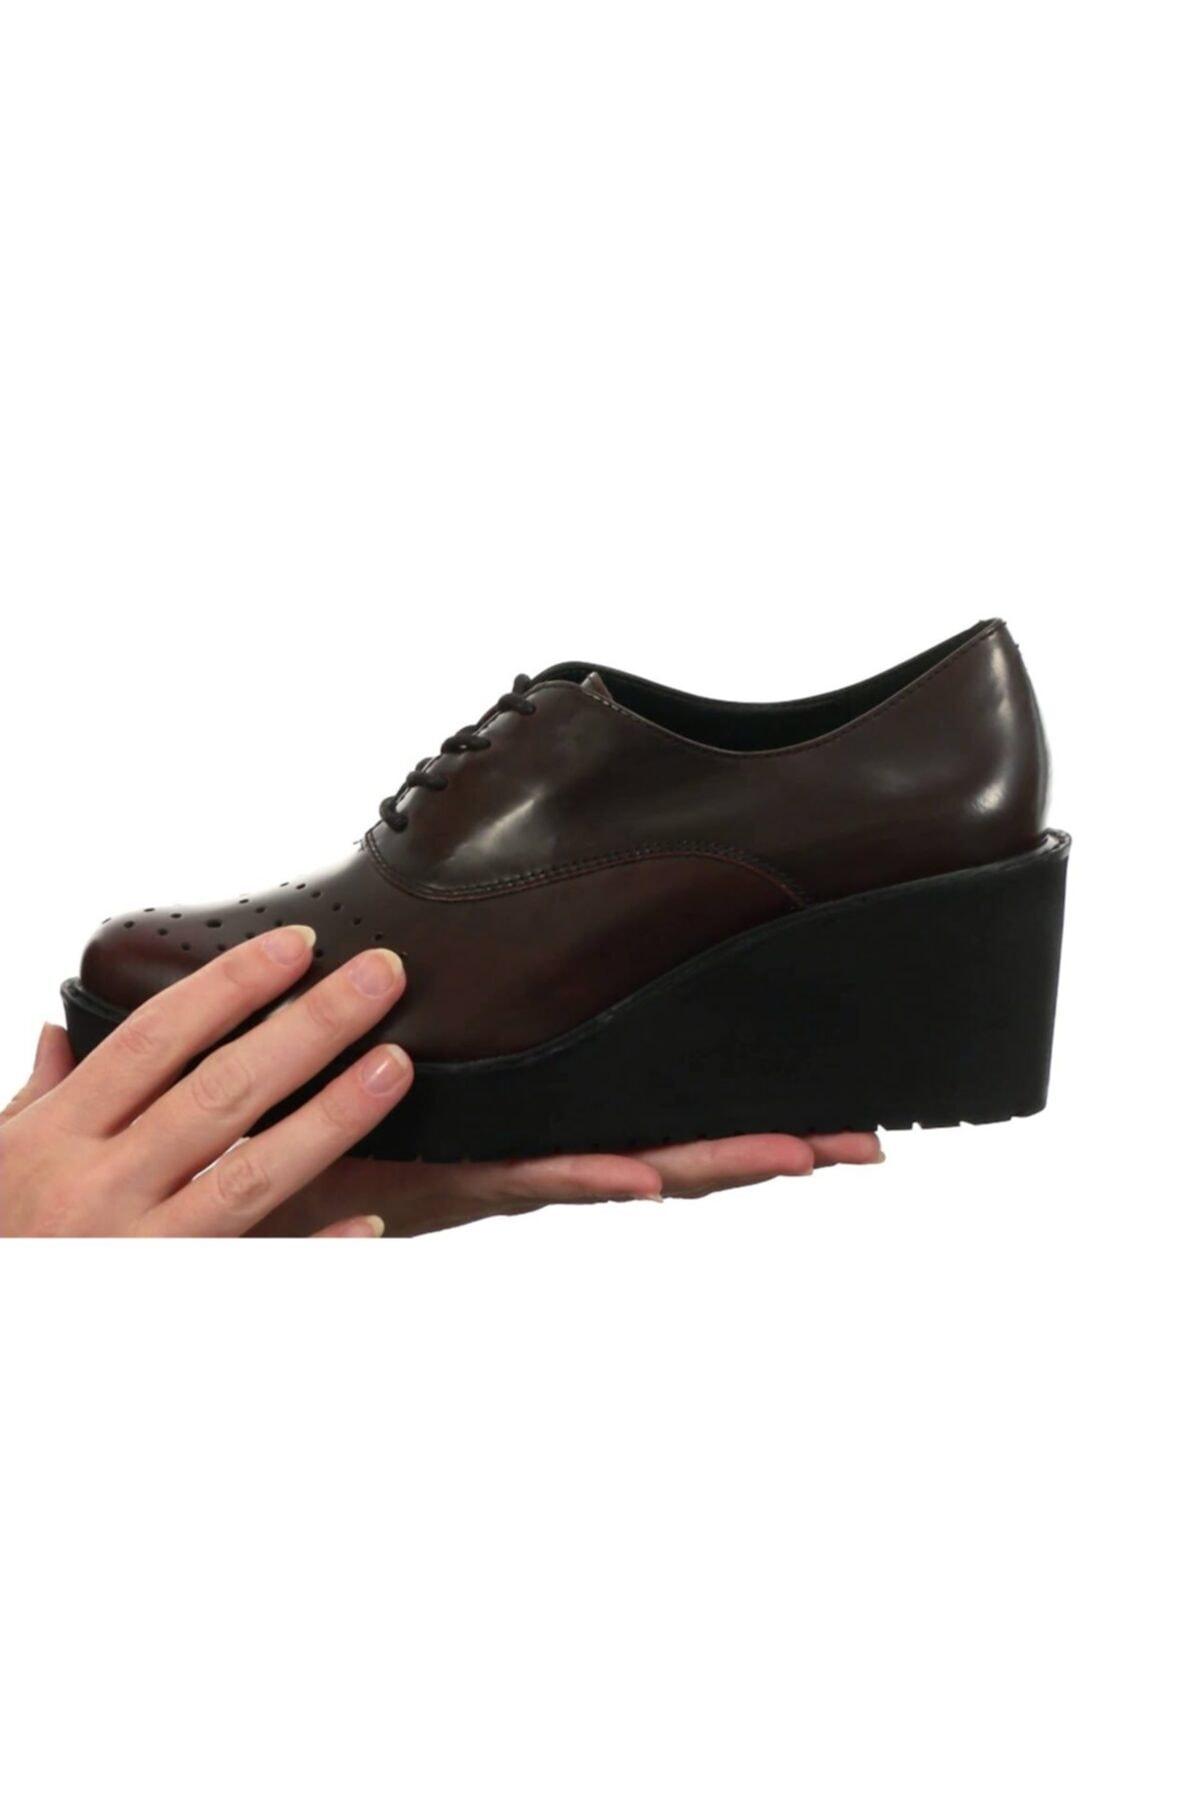 Kadın Bordo Deri Ortopedik Ayakkabı Topuk 7 Cm Comfort Game Oval